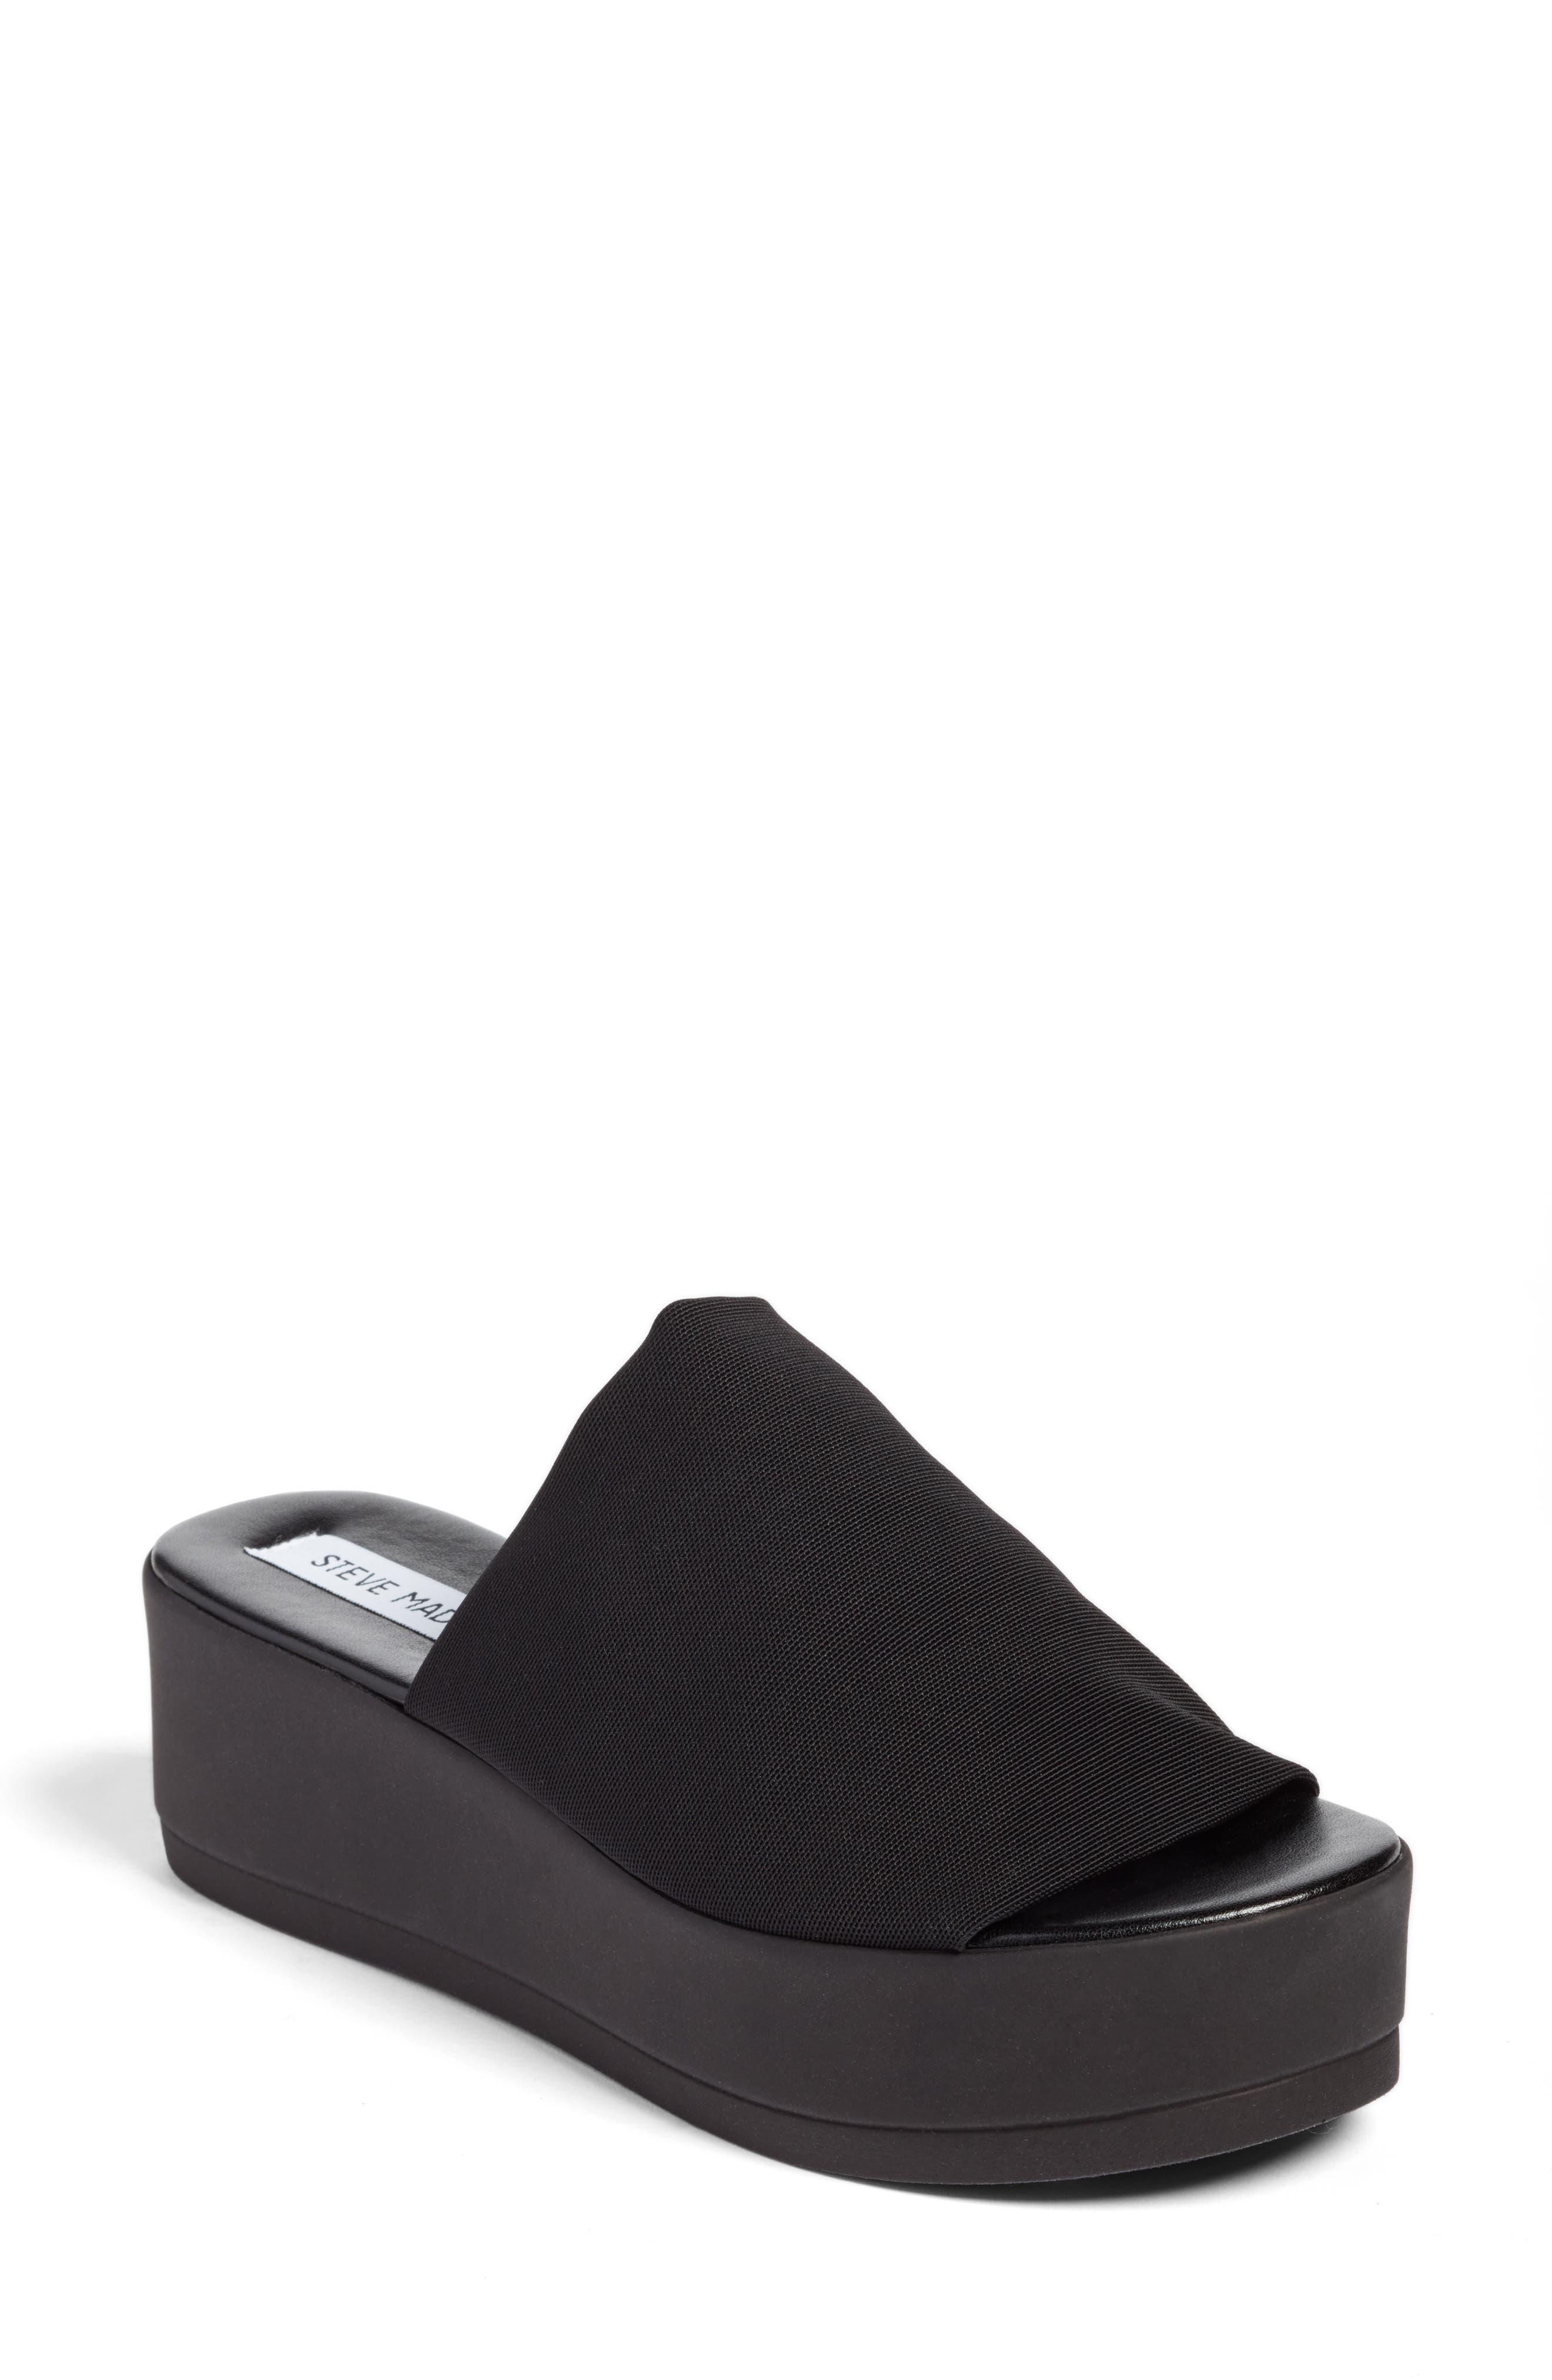 STEVE MADDEN, Slinky Platform Sandal, Main thumbnail 1, color, 001